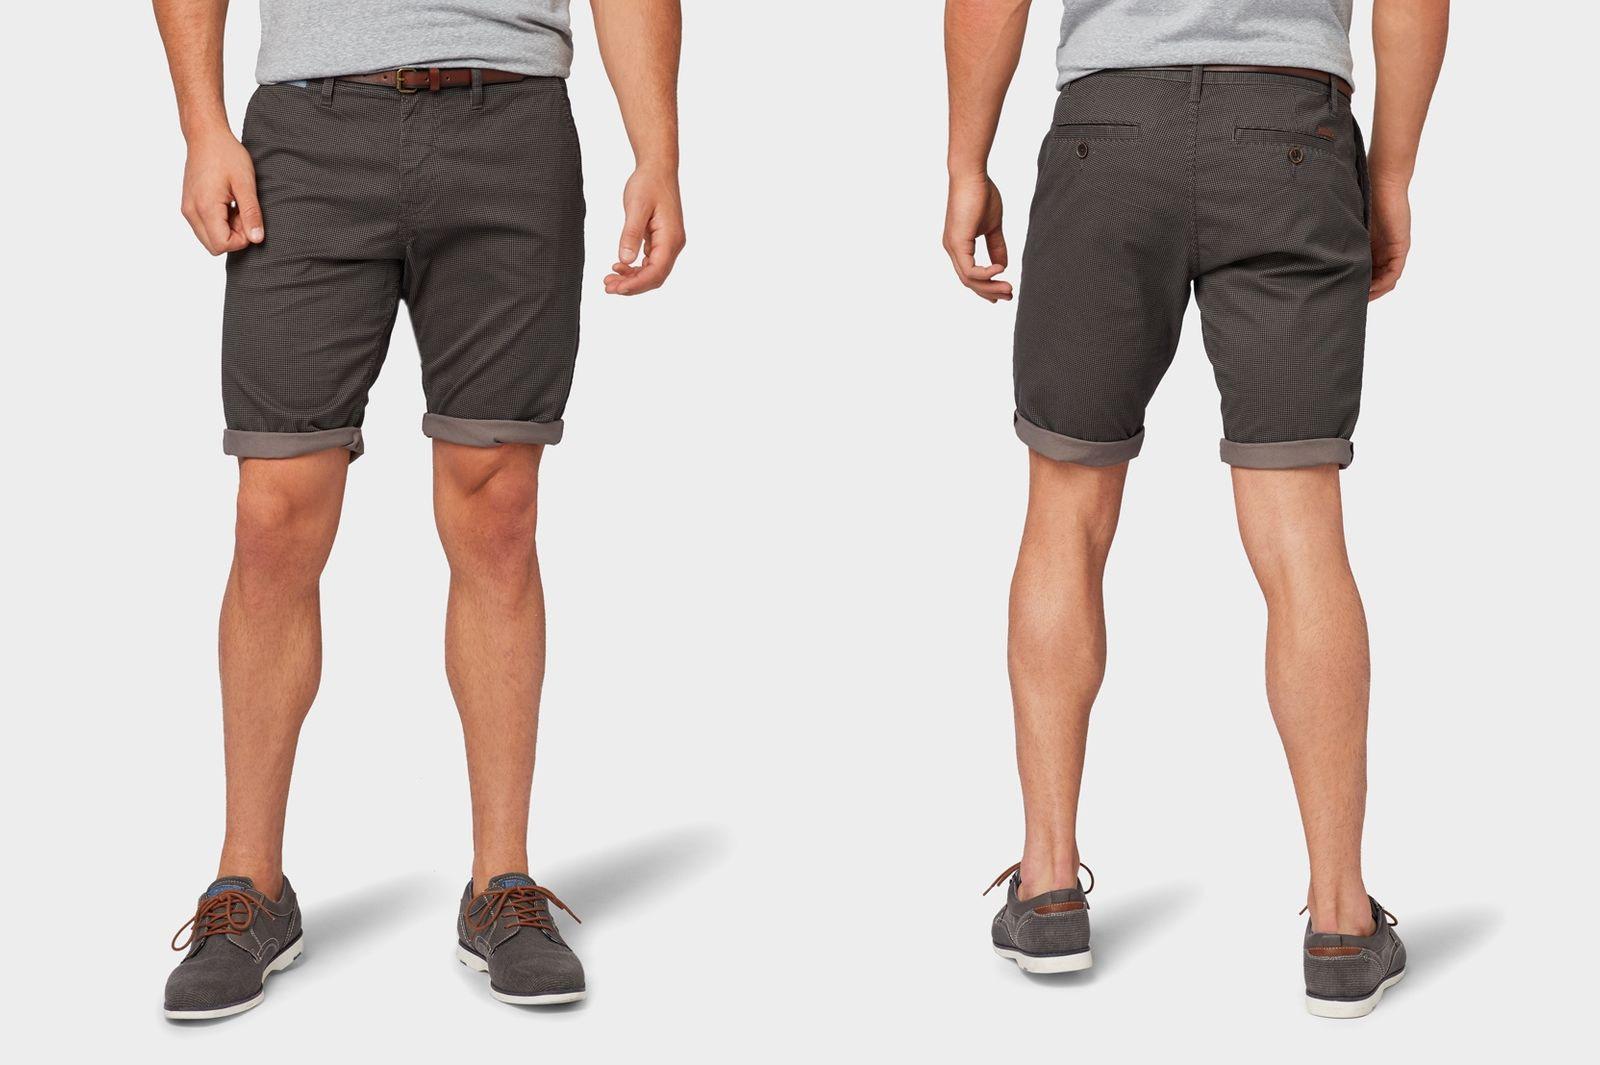 Tom Tailor - Herren Shorts (verschiedene Farben und Größen)